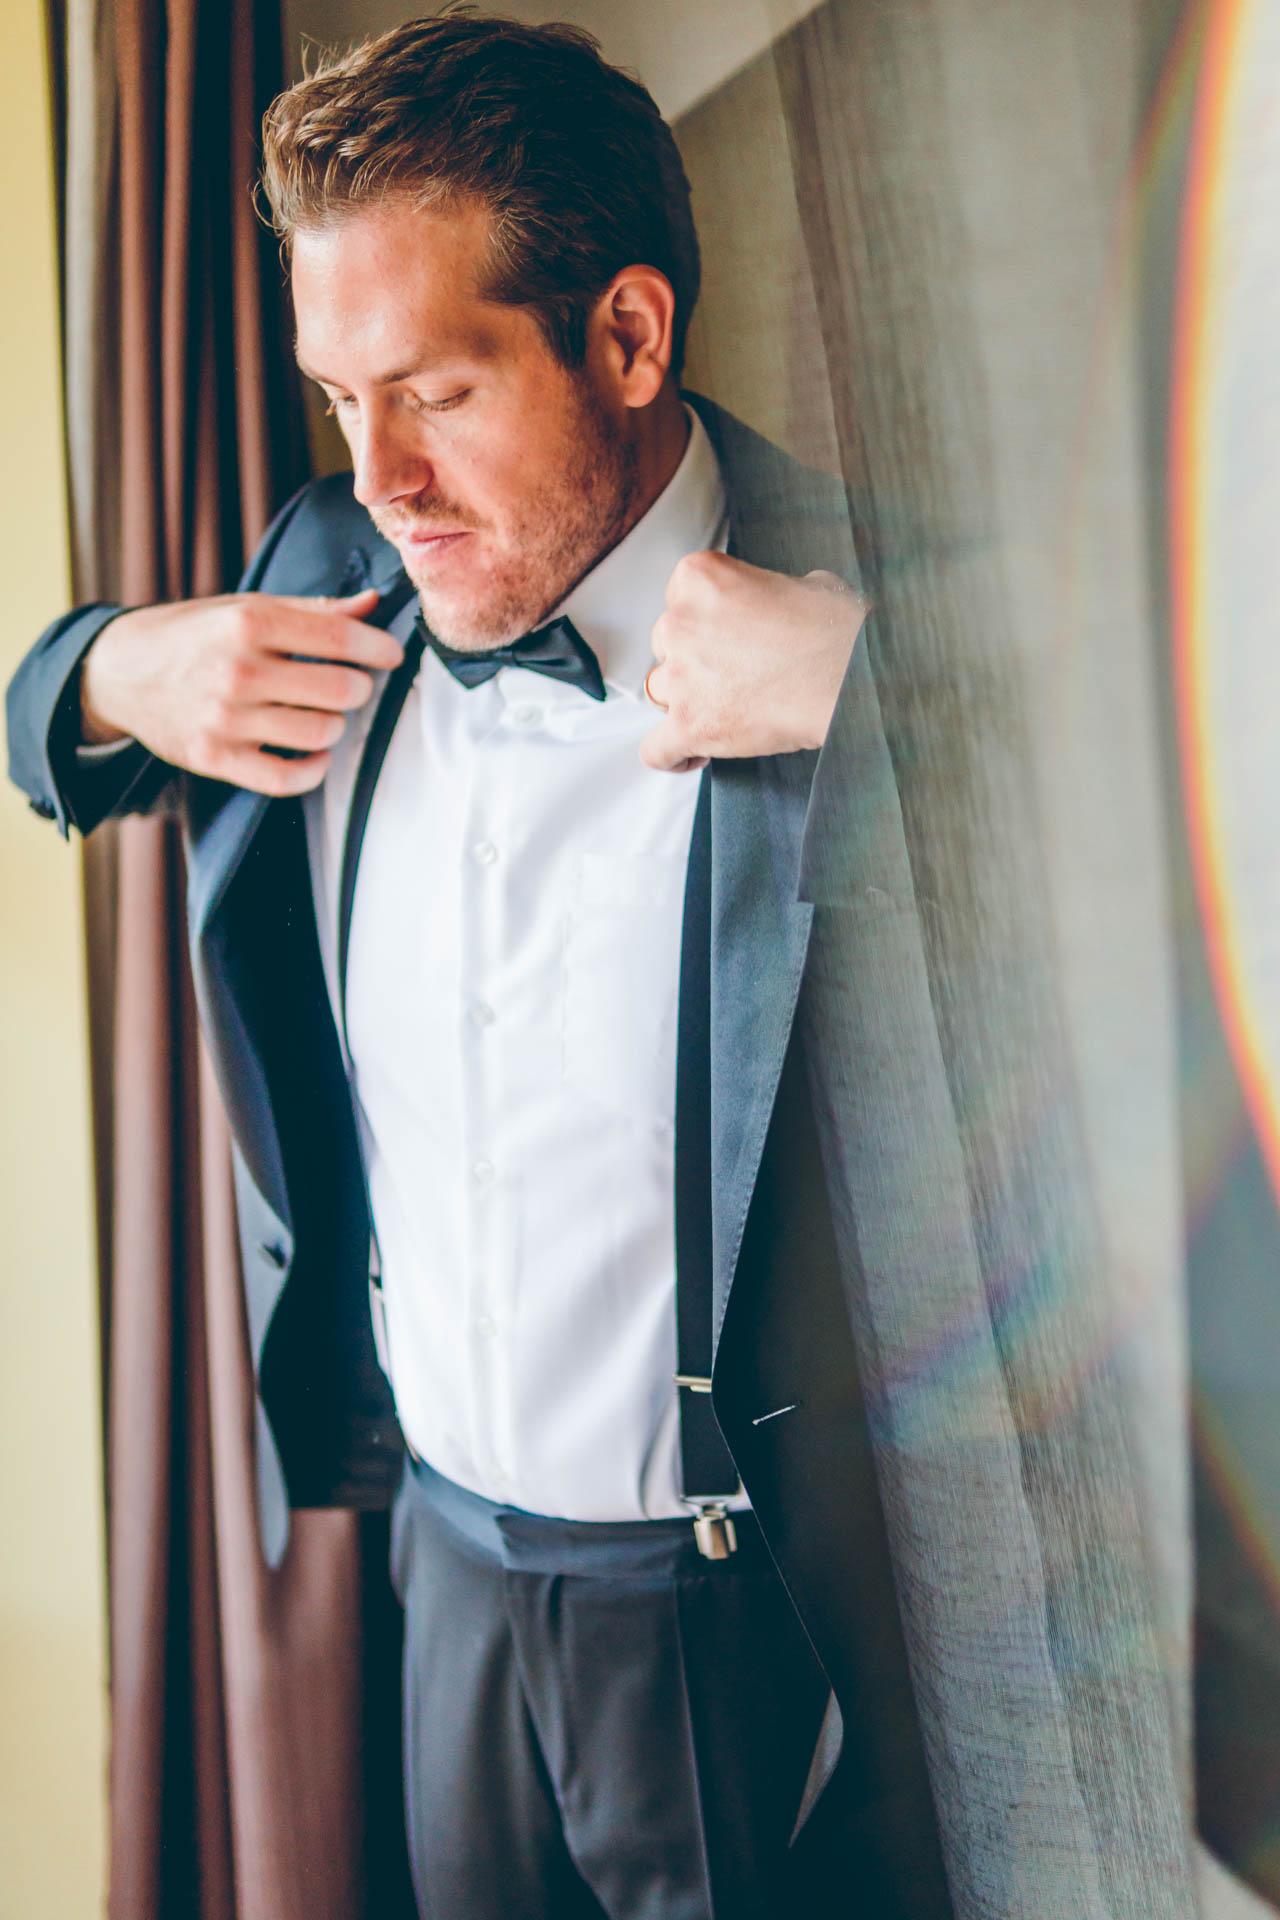 Der Bräutigam schlüpft in seinen Anzug